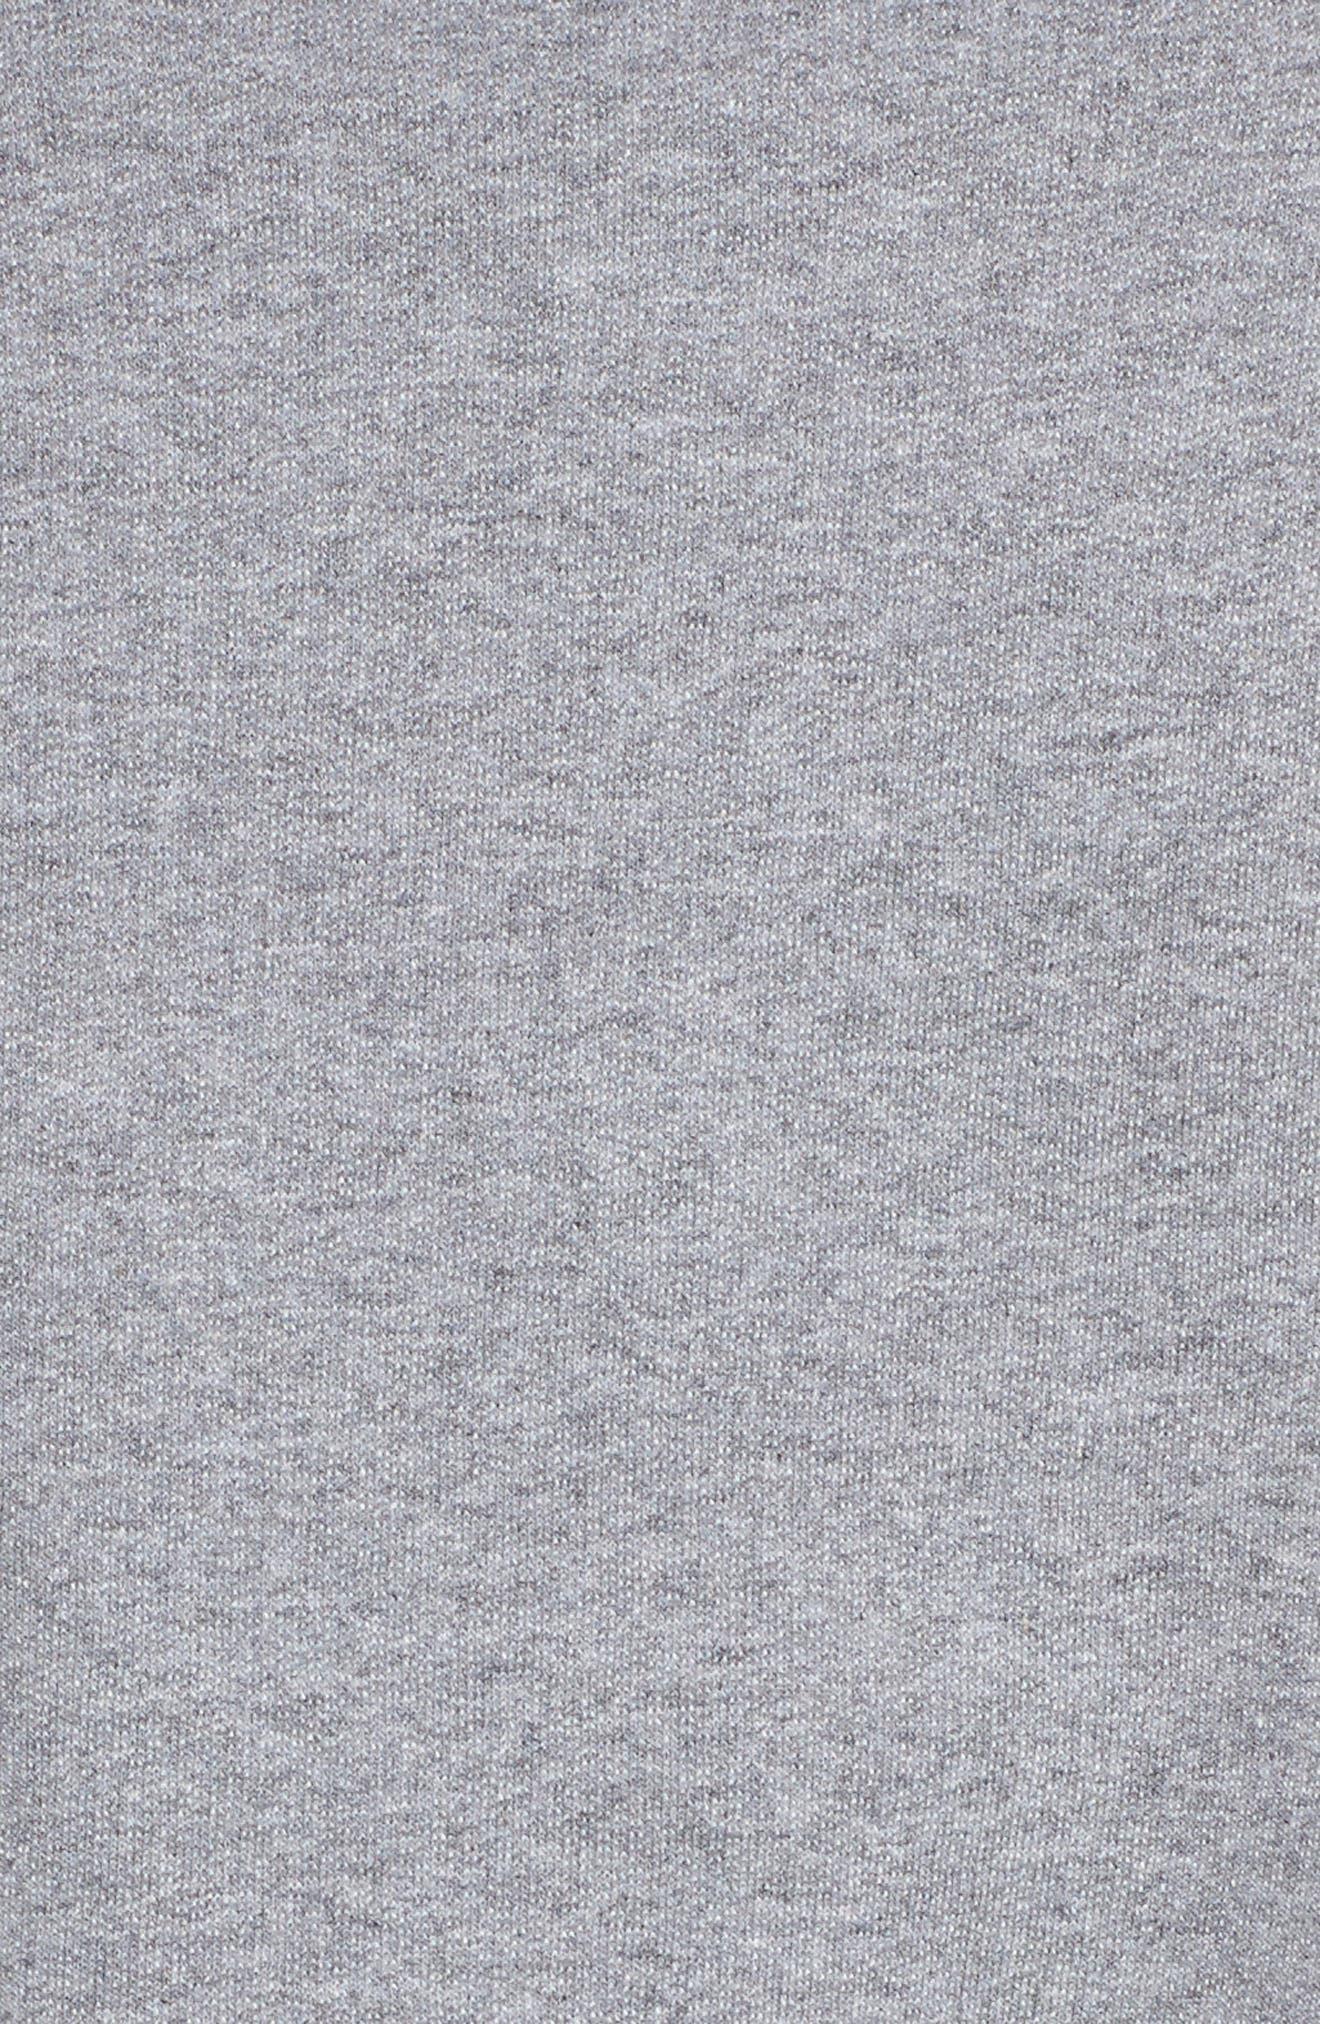 Workout Brunch Repeat Sweatshirt,                             Alternate thumbnail 6, color,                             020